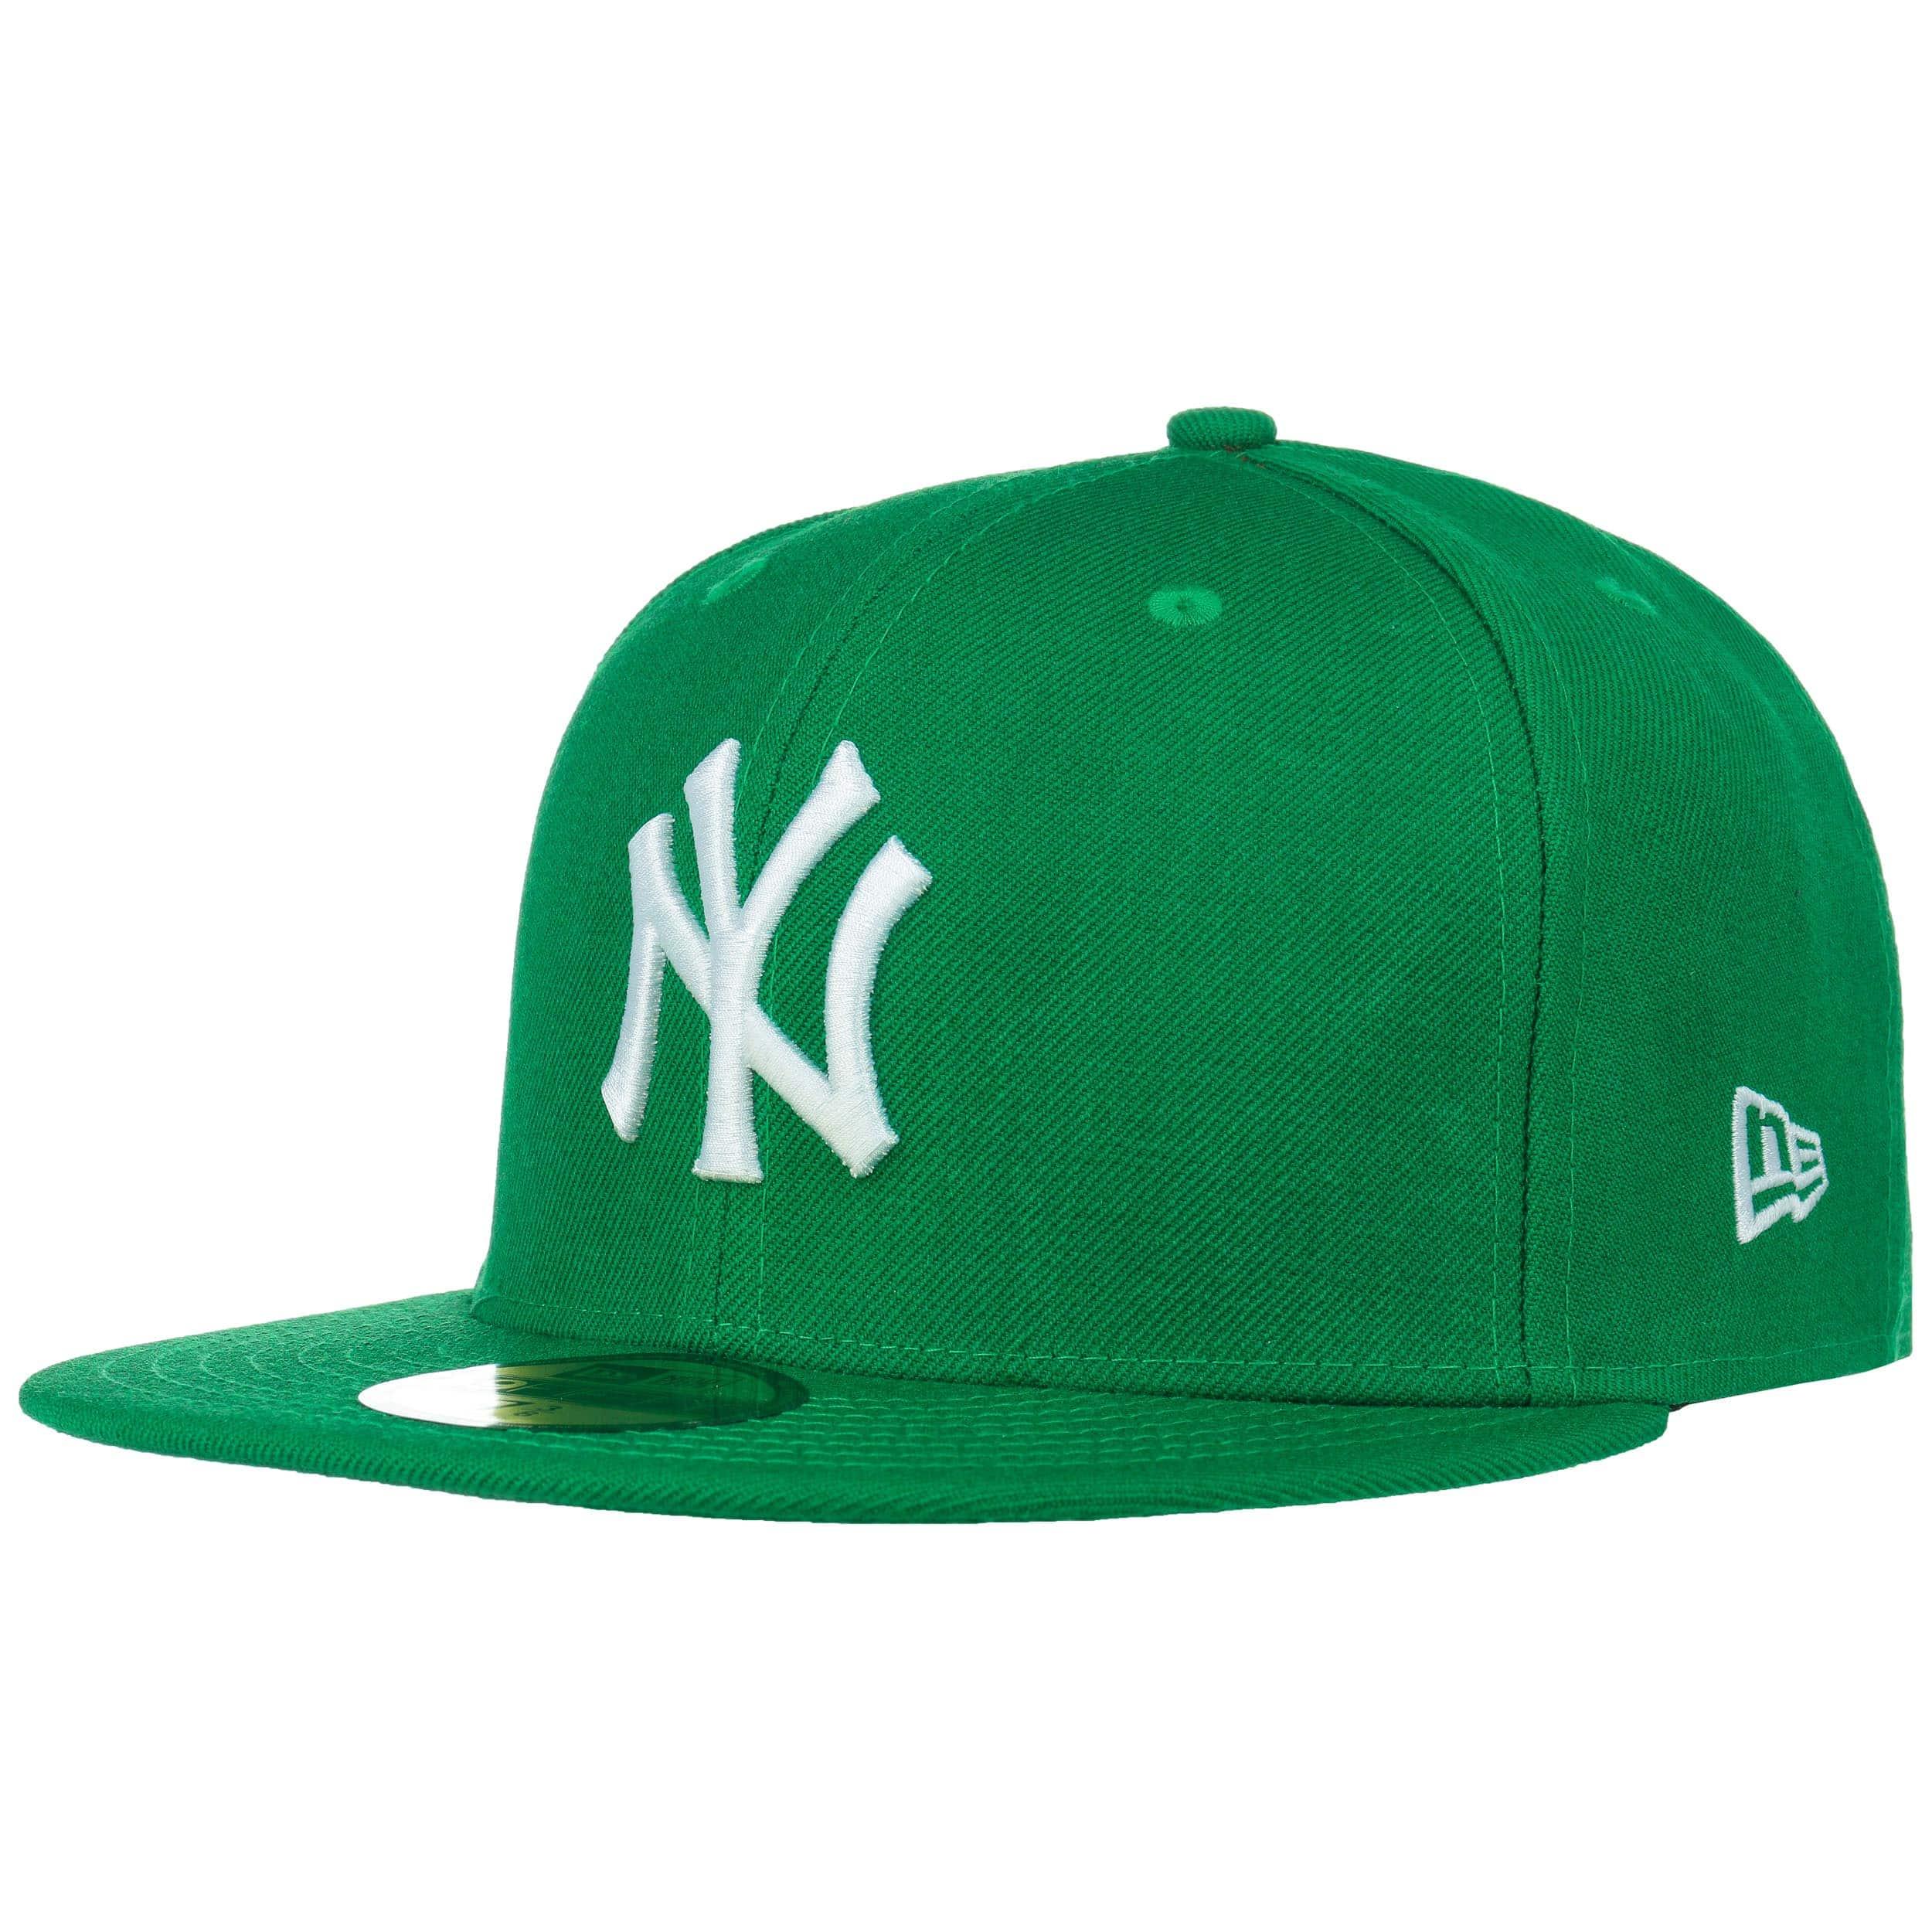 ... 59Fifty MLB Basic NY Cap by New Era - nero 7 ... 376821703dce